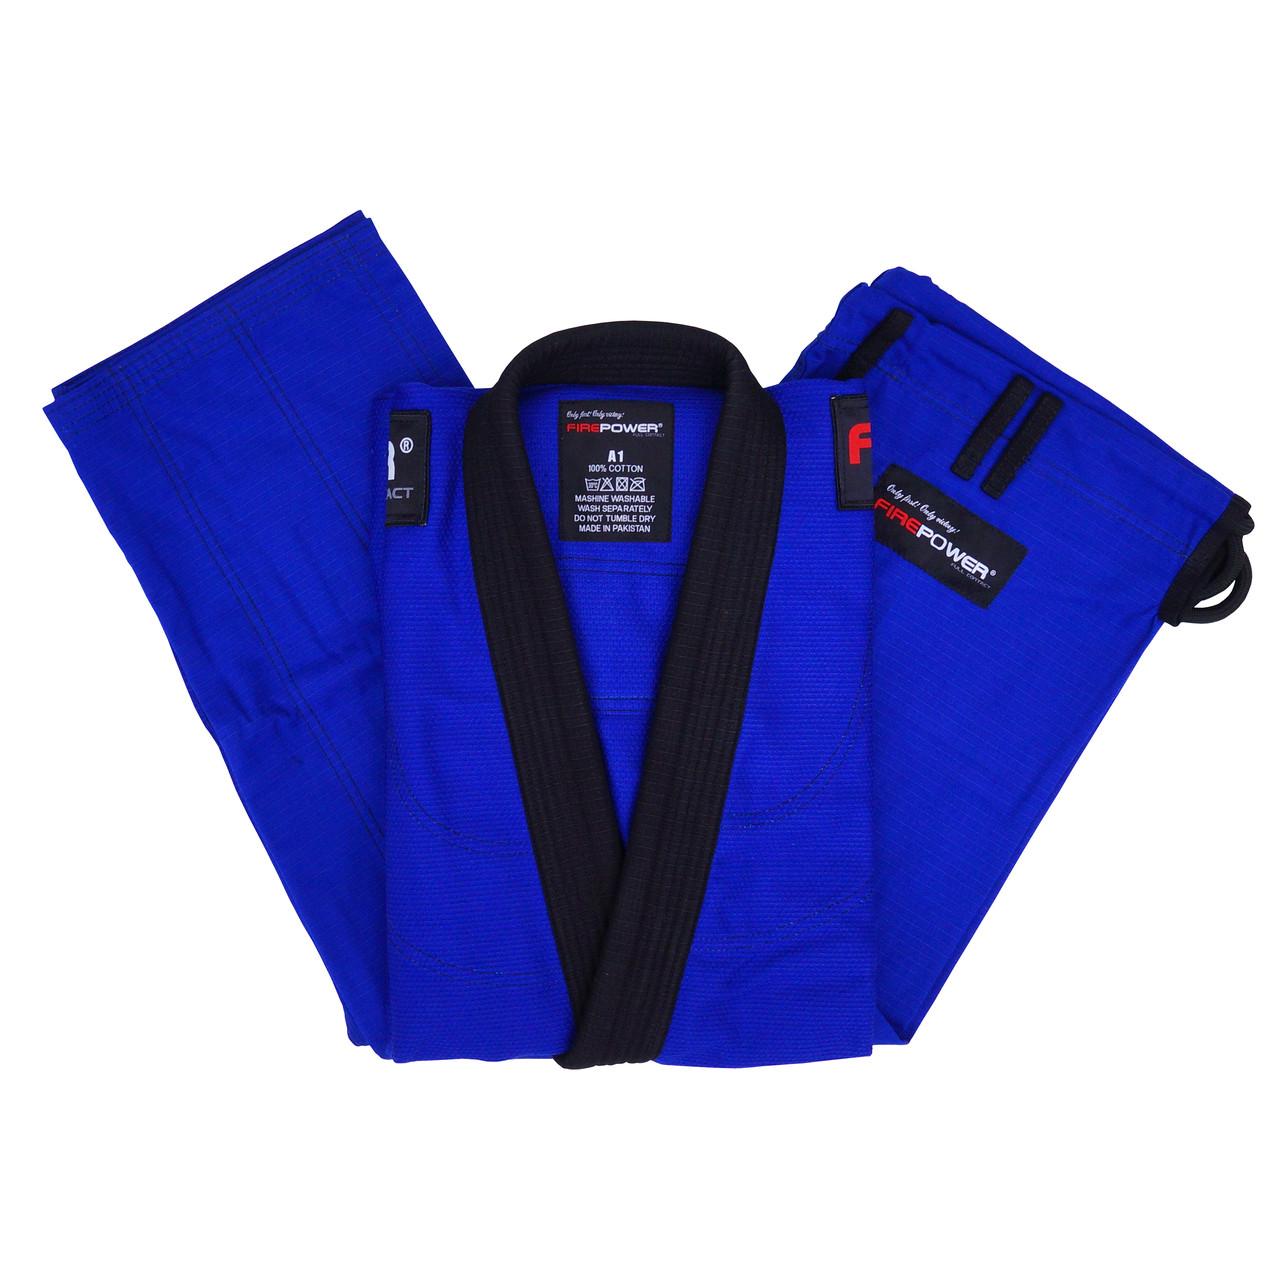 Кимоно для Бразильского Джиу-Джитсу Firepower Evolution Синее с черным